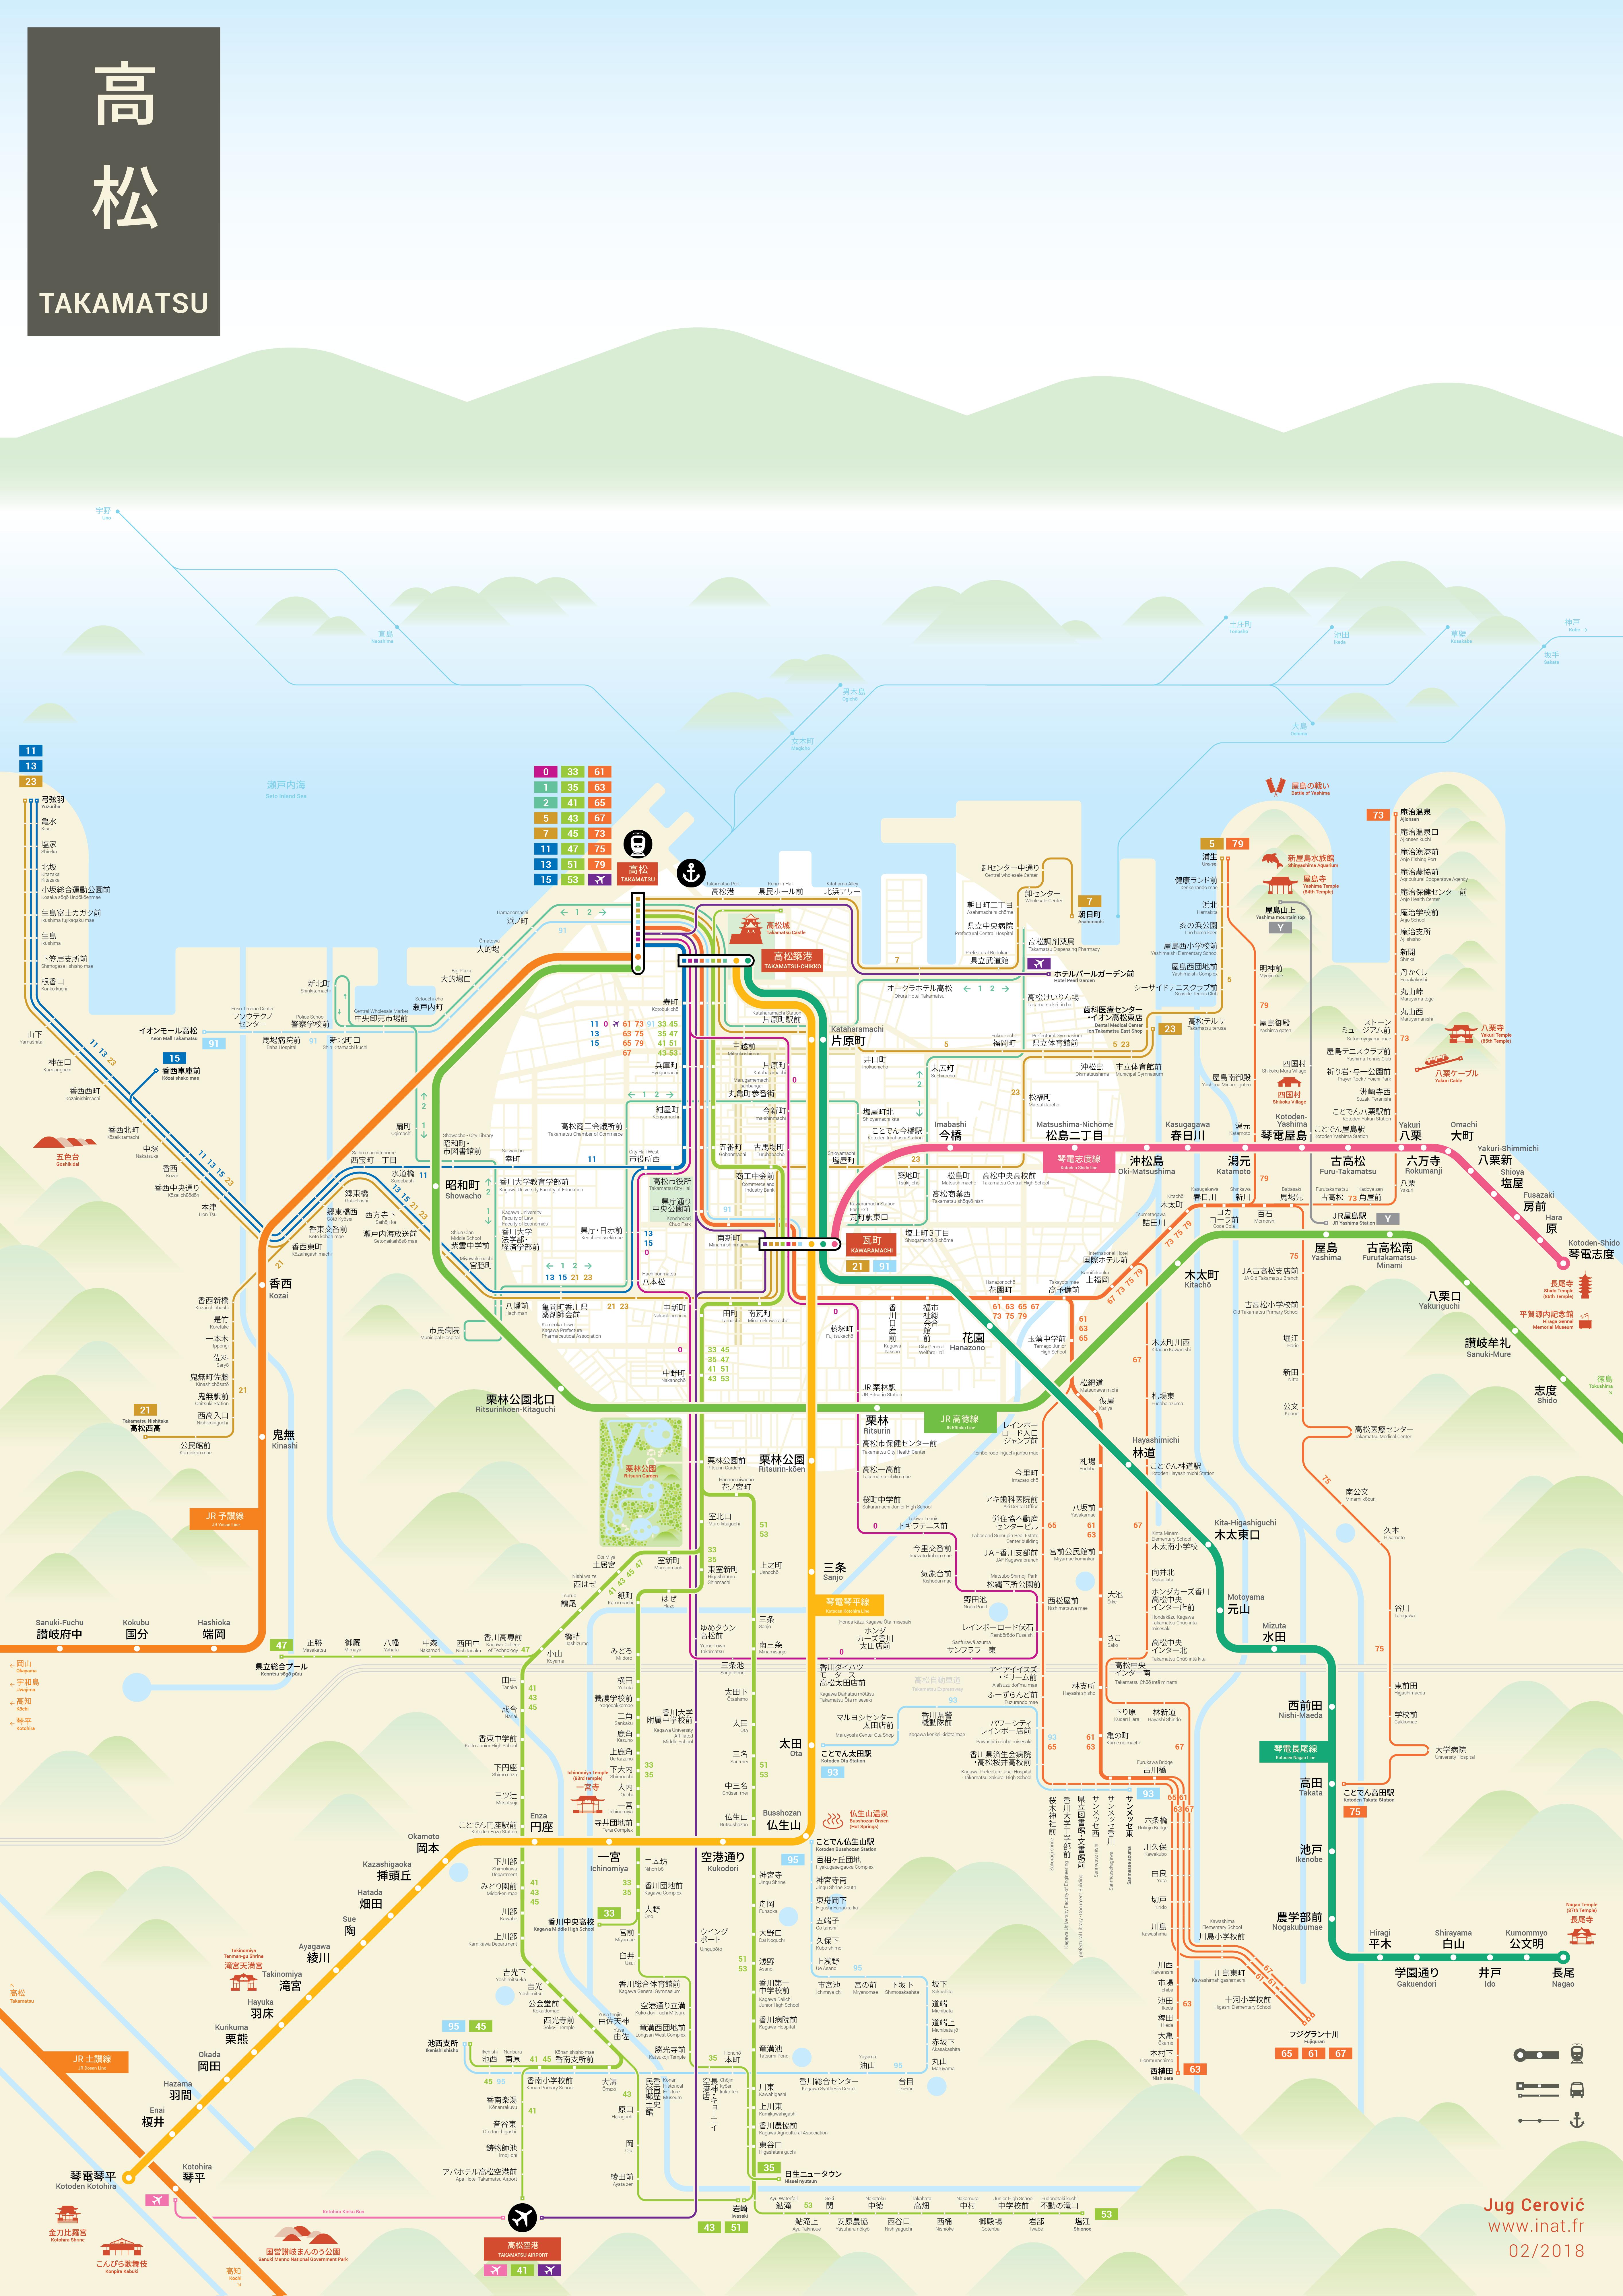 Takamatsu Kagawa Mapping and Wayfinding